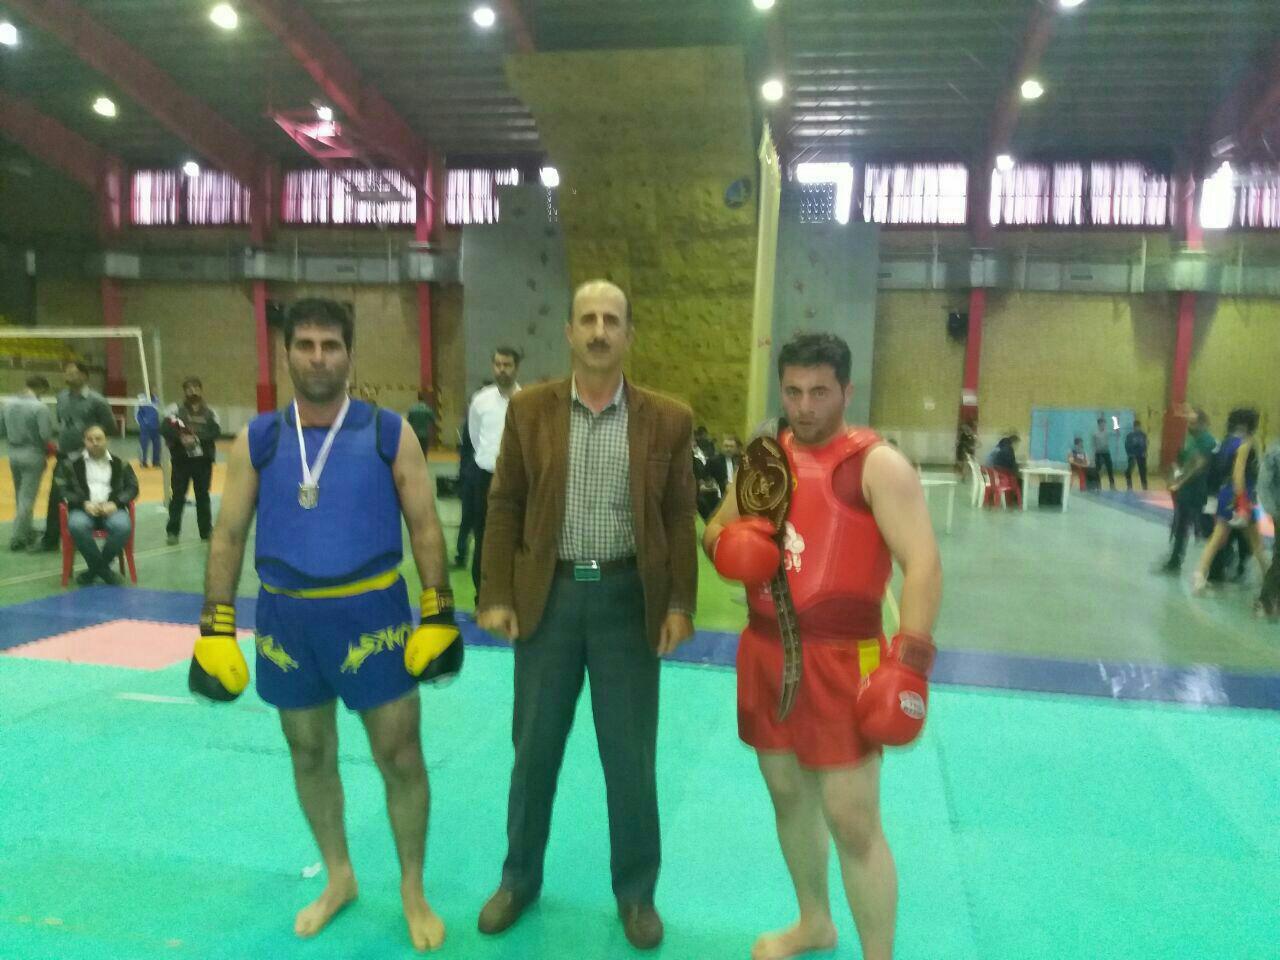 افتخار آفرینی ووشو کاران سقزی در مسابقات قهرمان کشوری  مازندران